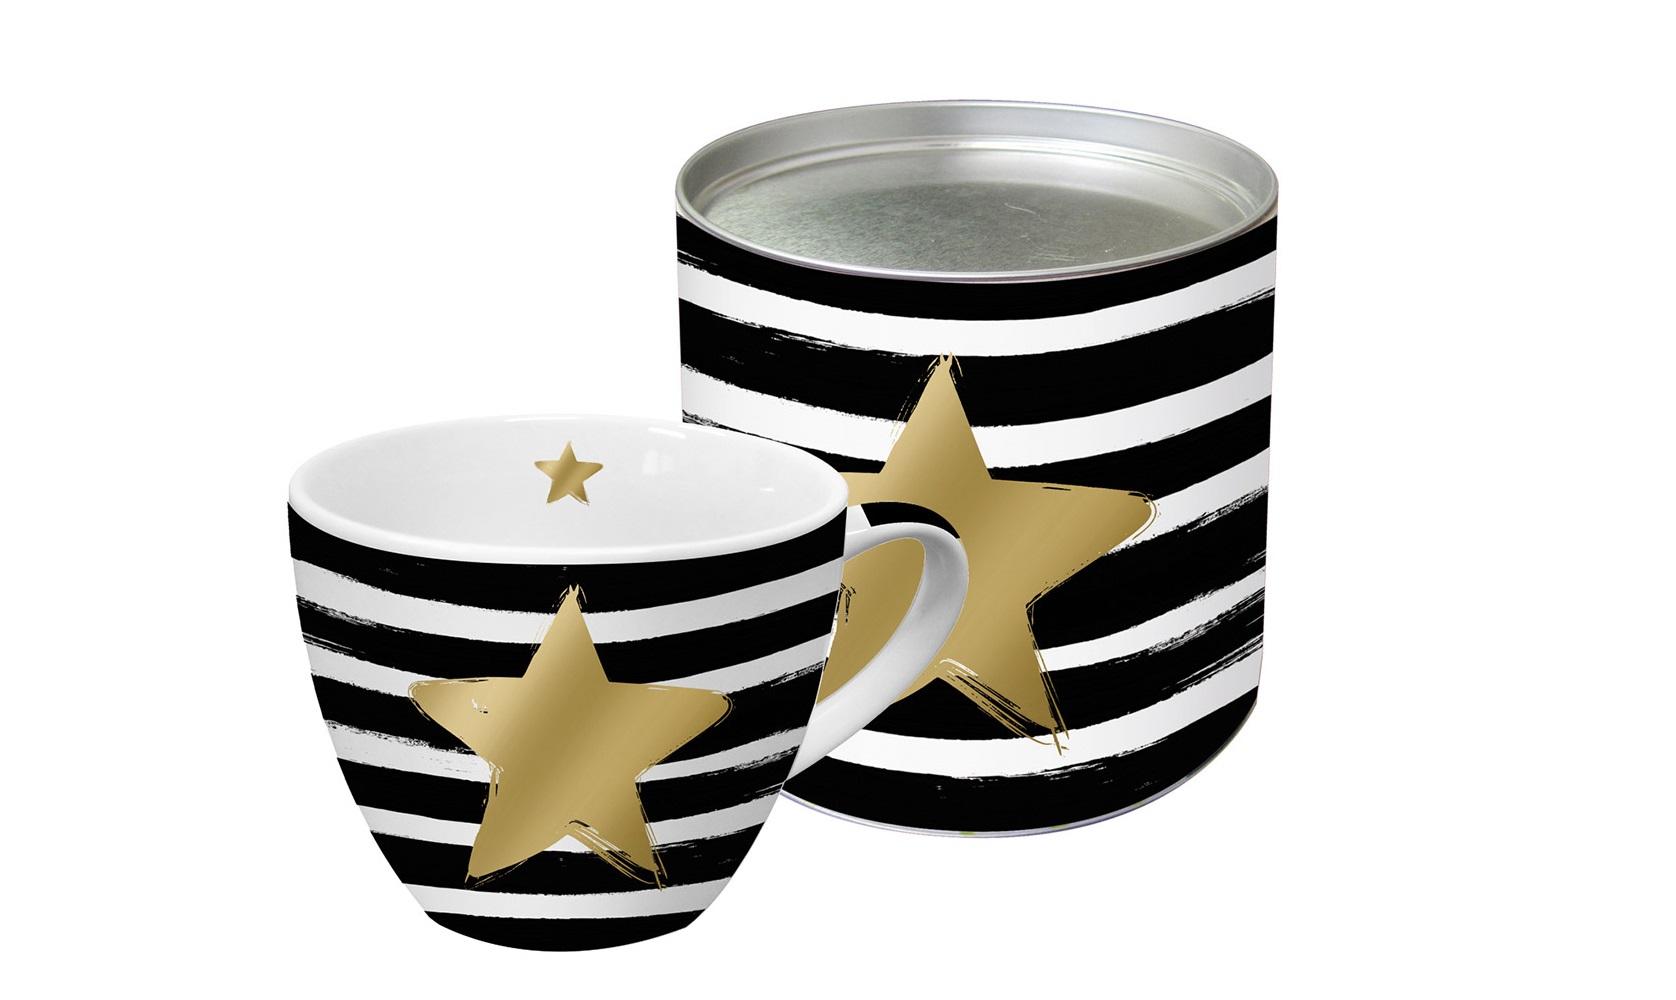 Кружка в подарочной упаковке Star &amp; stripesЧайные пары, чашки и кружки<br>Яркая большая кружка будет прекрасным подарком для друзей, а также родных и близких людей. Это не только красивый, но и функциональный подарок, который не оставит равнодушным даже самого взыскательного любителя ароматного чая.<br>Модель выполнена из высококачественного фарфора с нанесением принта. Кружка имеет большой объем – 0,45 Л, поэтому подходит для чая, пунша, морса и других любимых напитков. Главная особенность кружки – это стильная аппликация в виде звезды из настоящего золота. К кружке прилагается подарочная коробка с идентичным оформлением.<br><br>Material: Фарфор<br>Высота см: 9